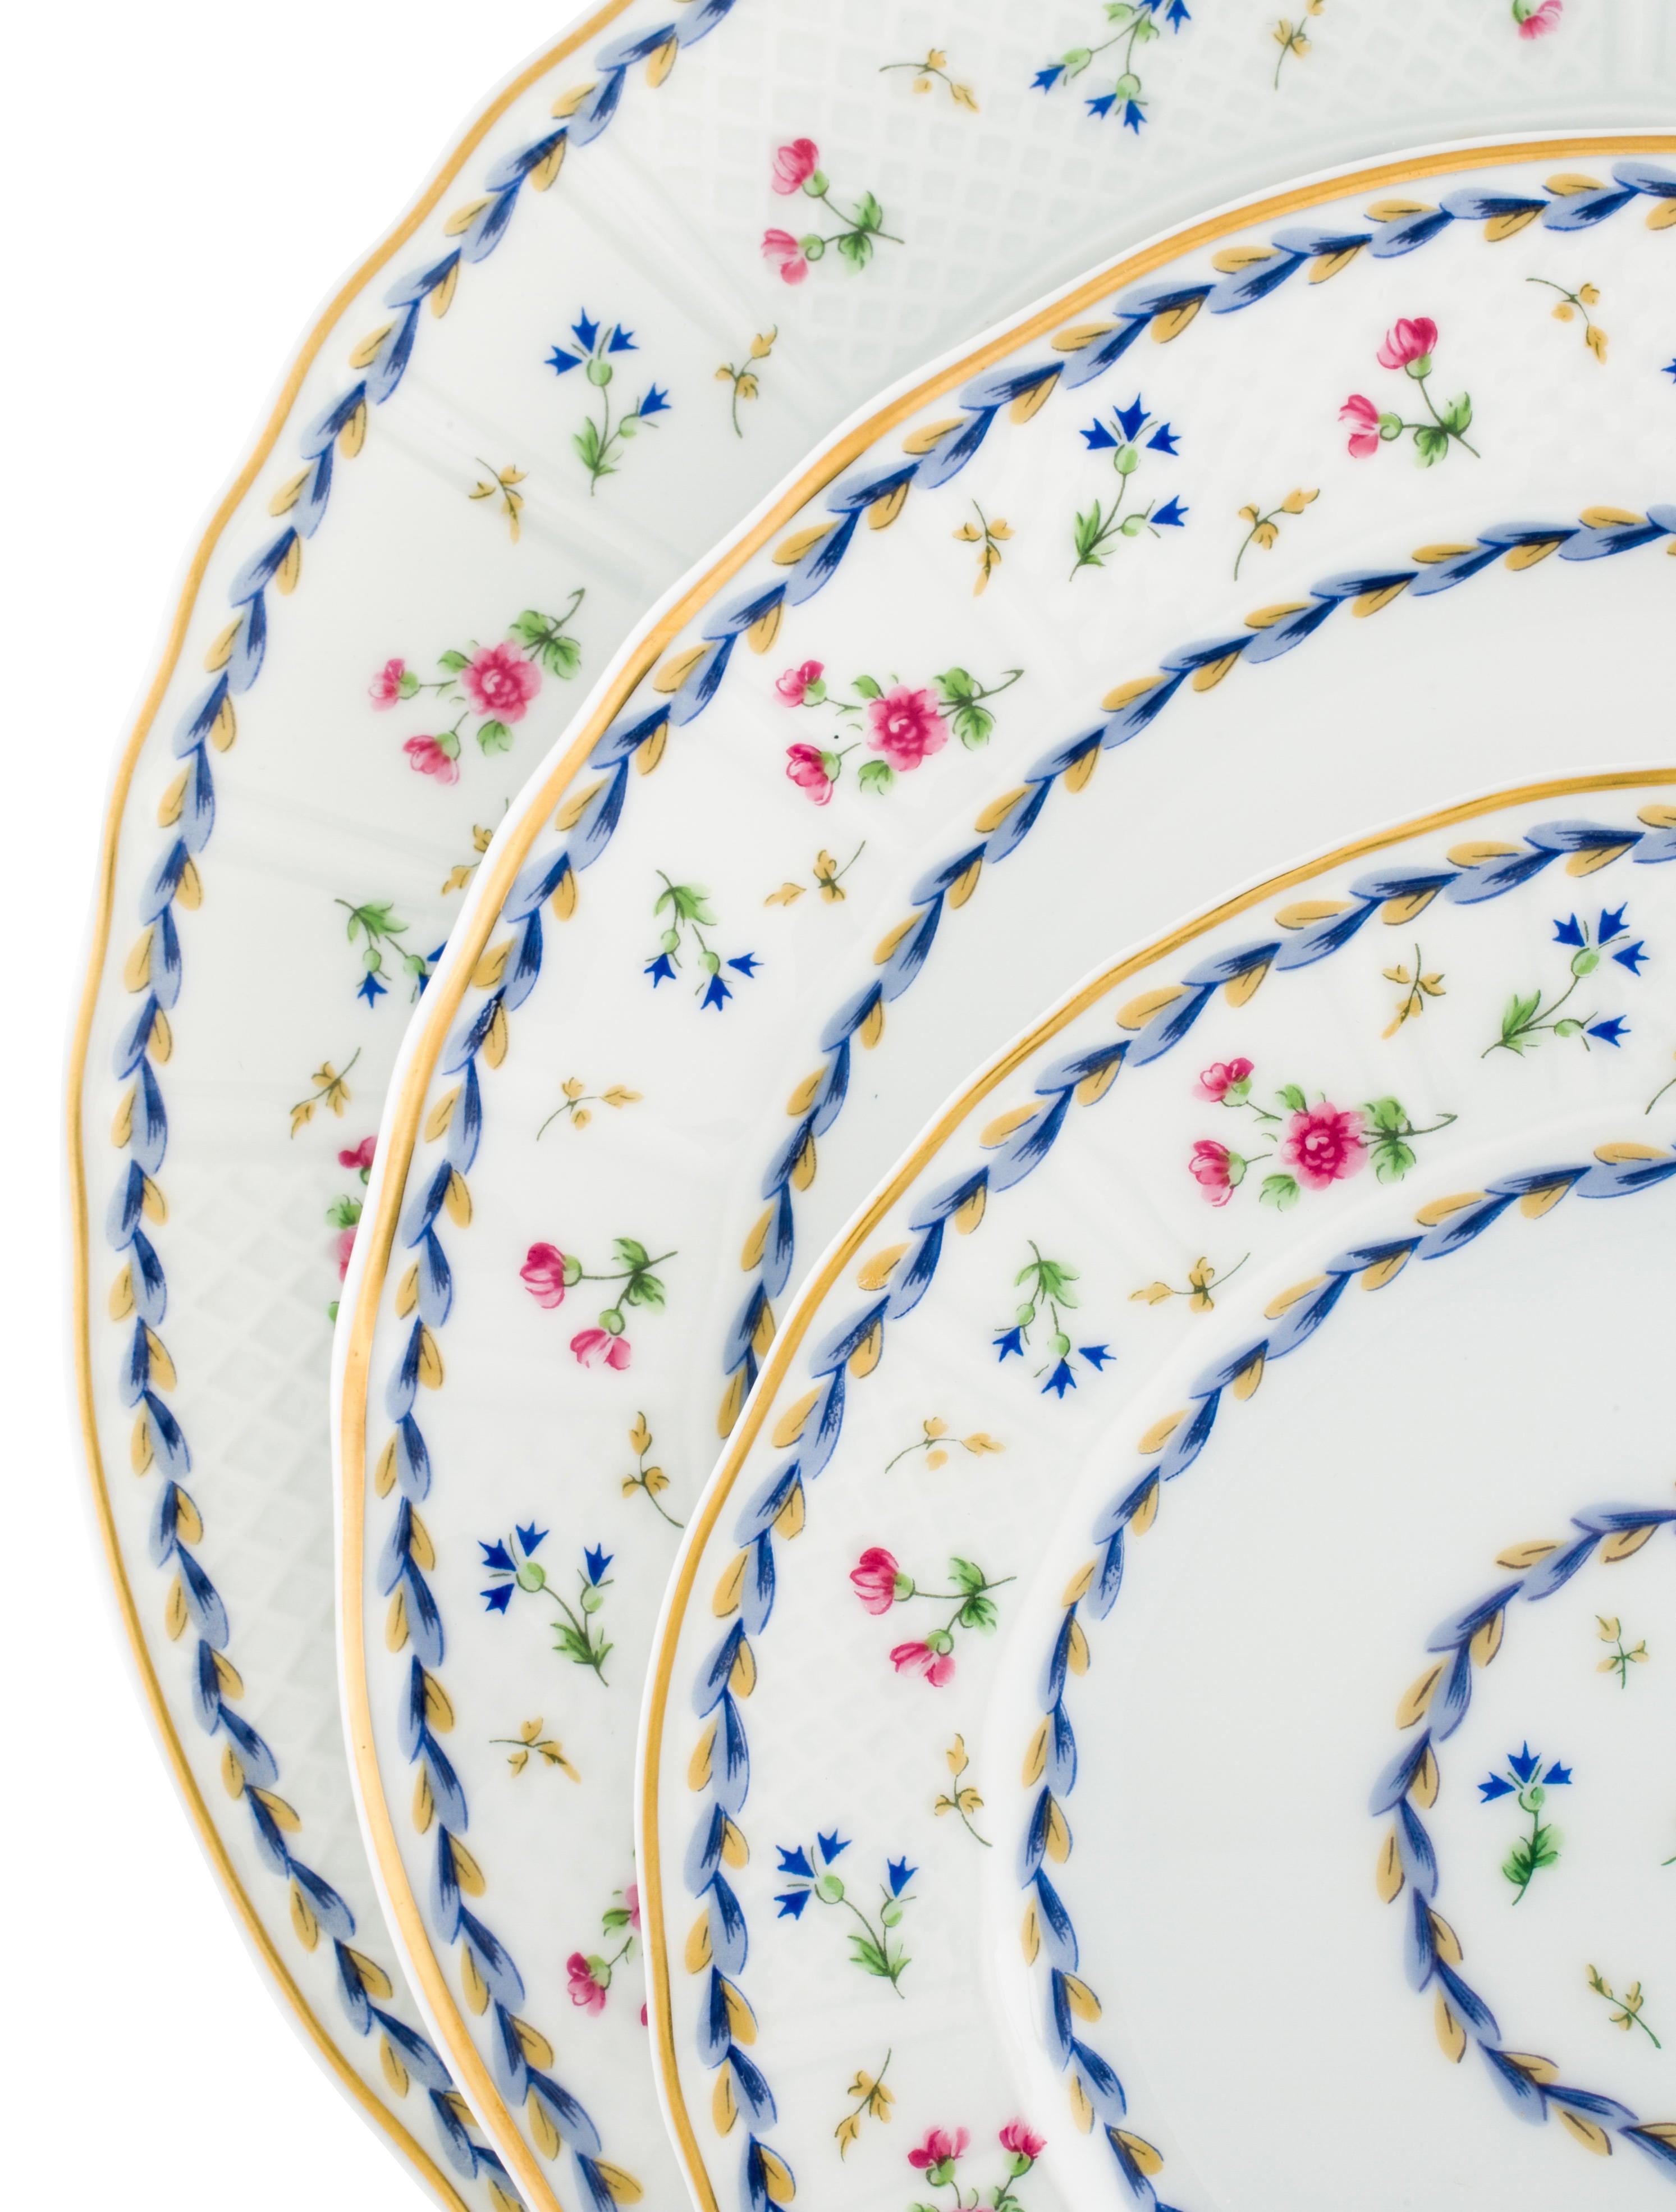 Bernardaud 30-Piece Limoges Artois Bleu Dinner Service